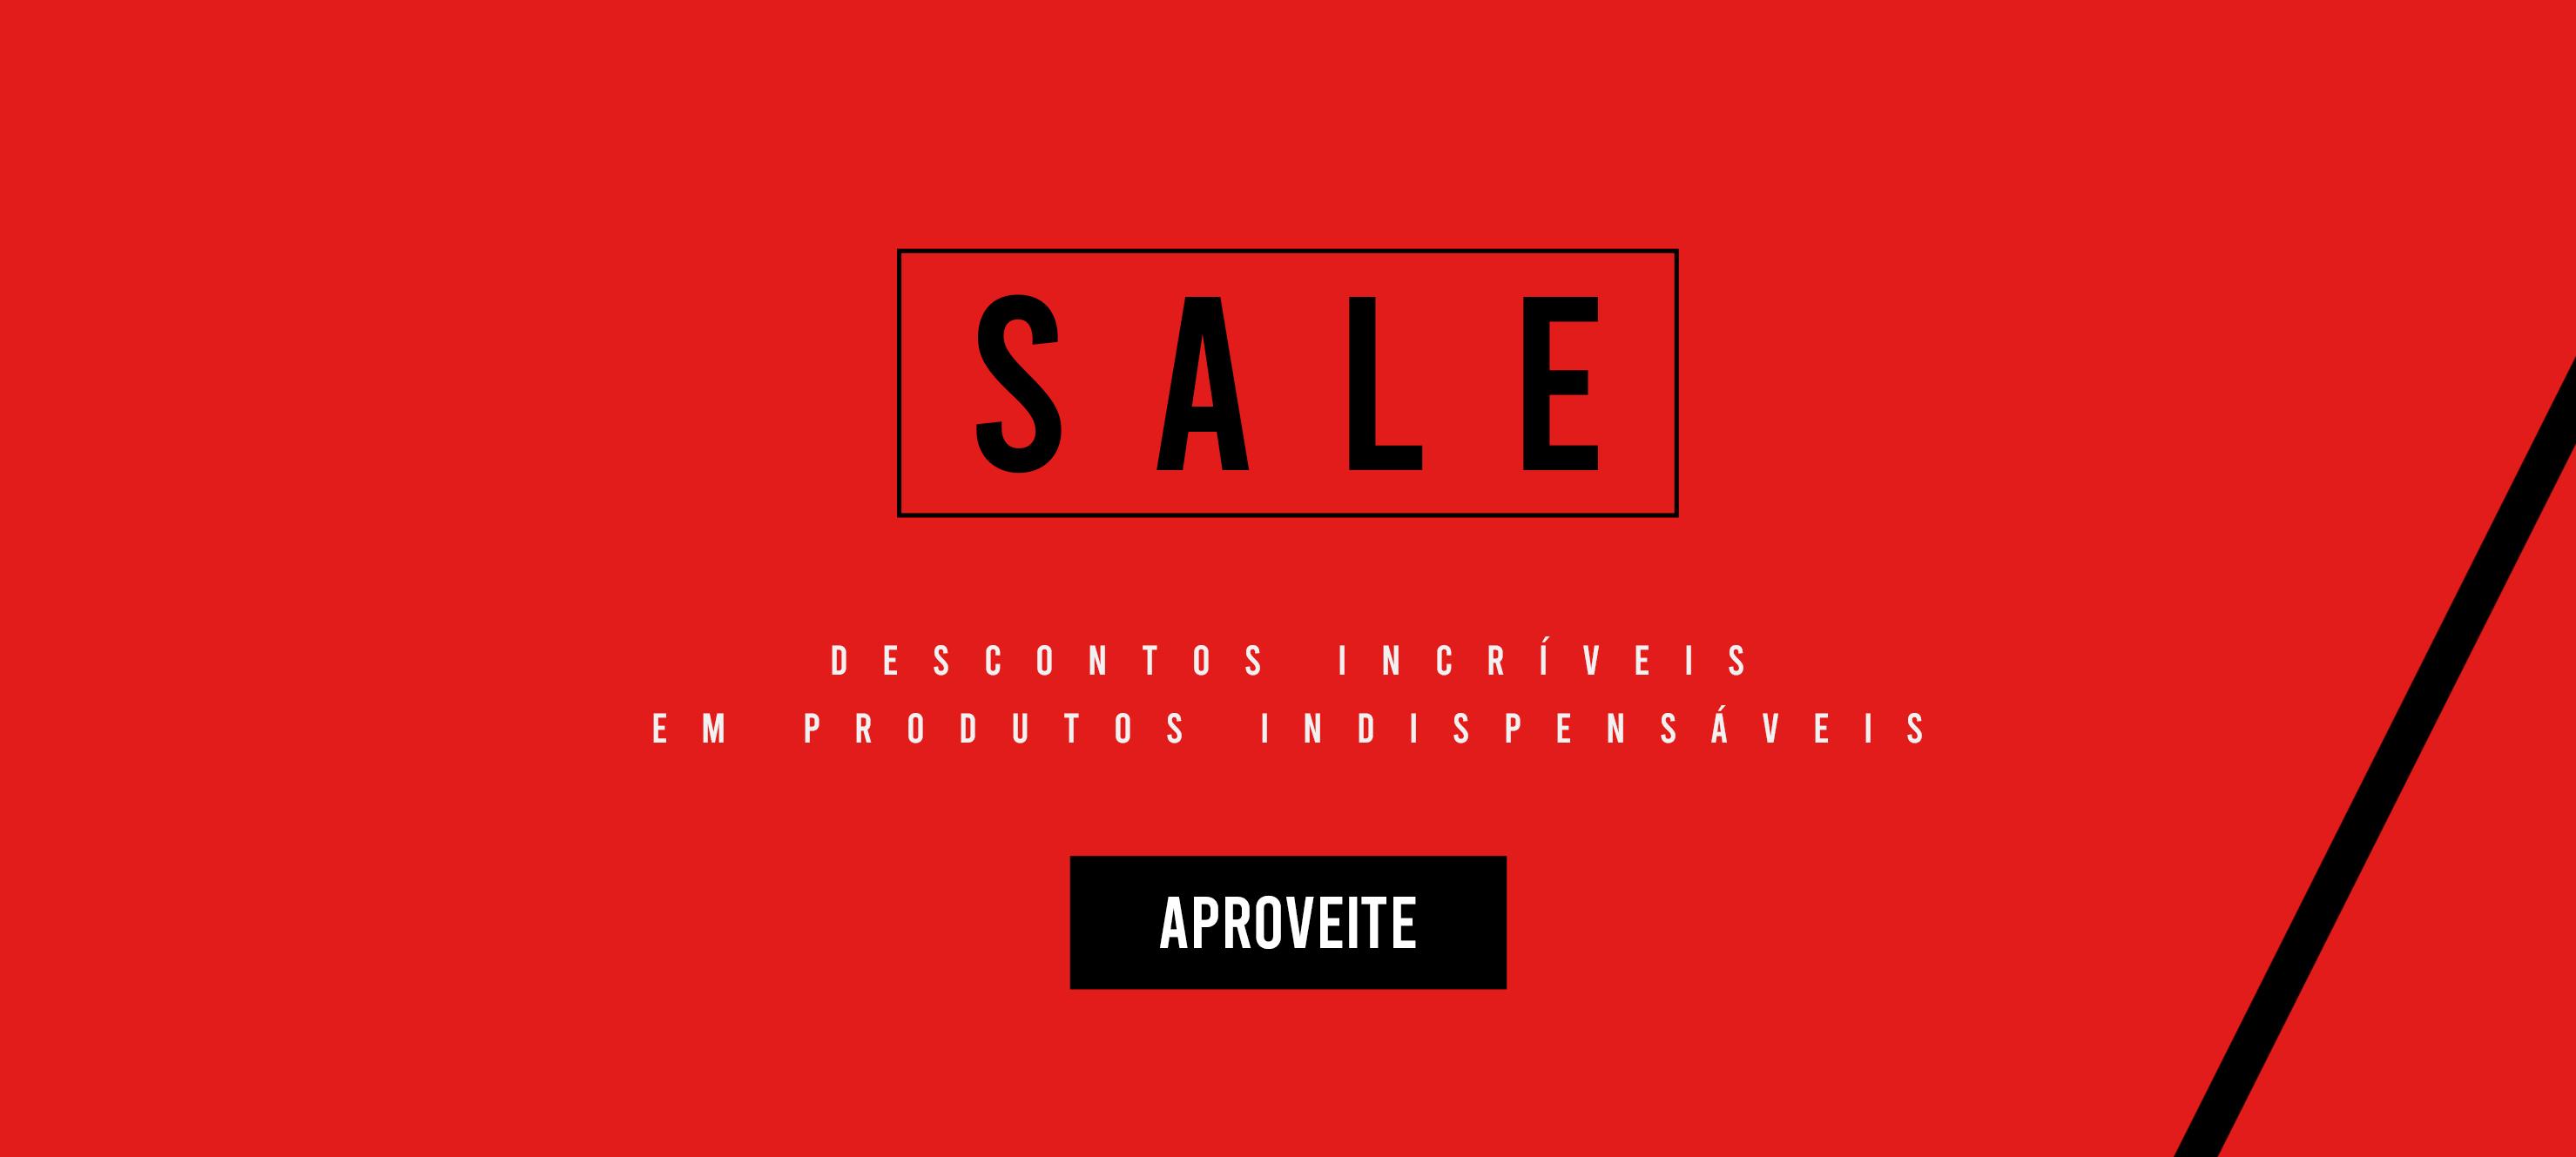 [ON] Sale